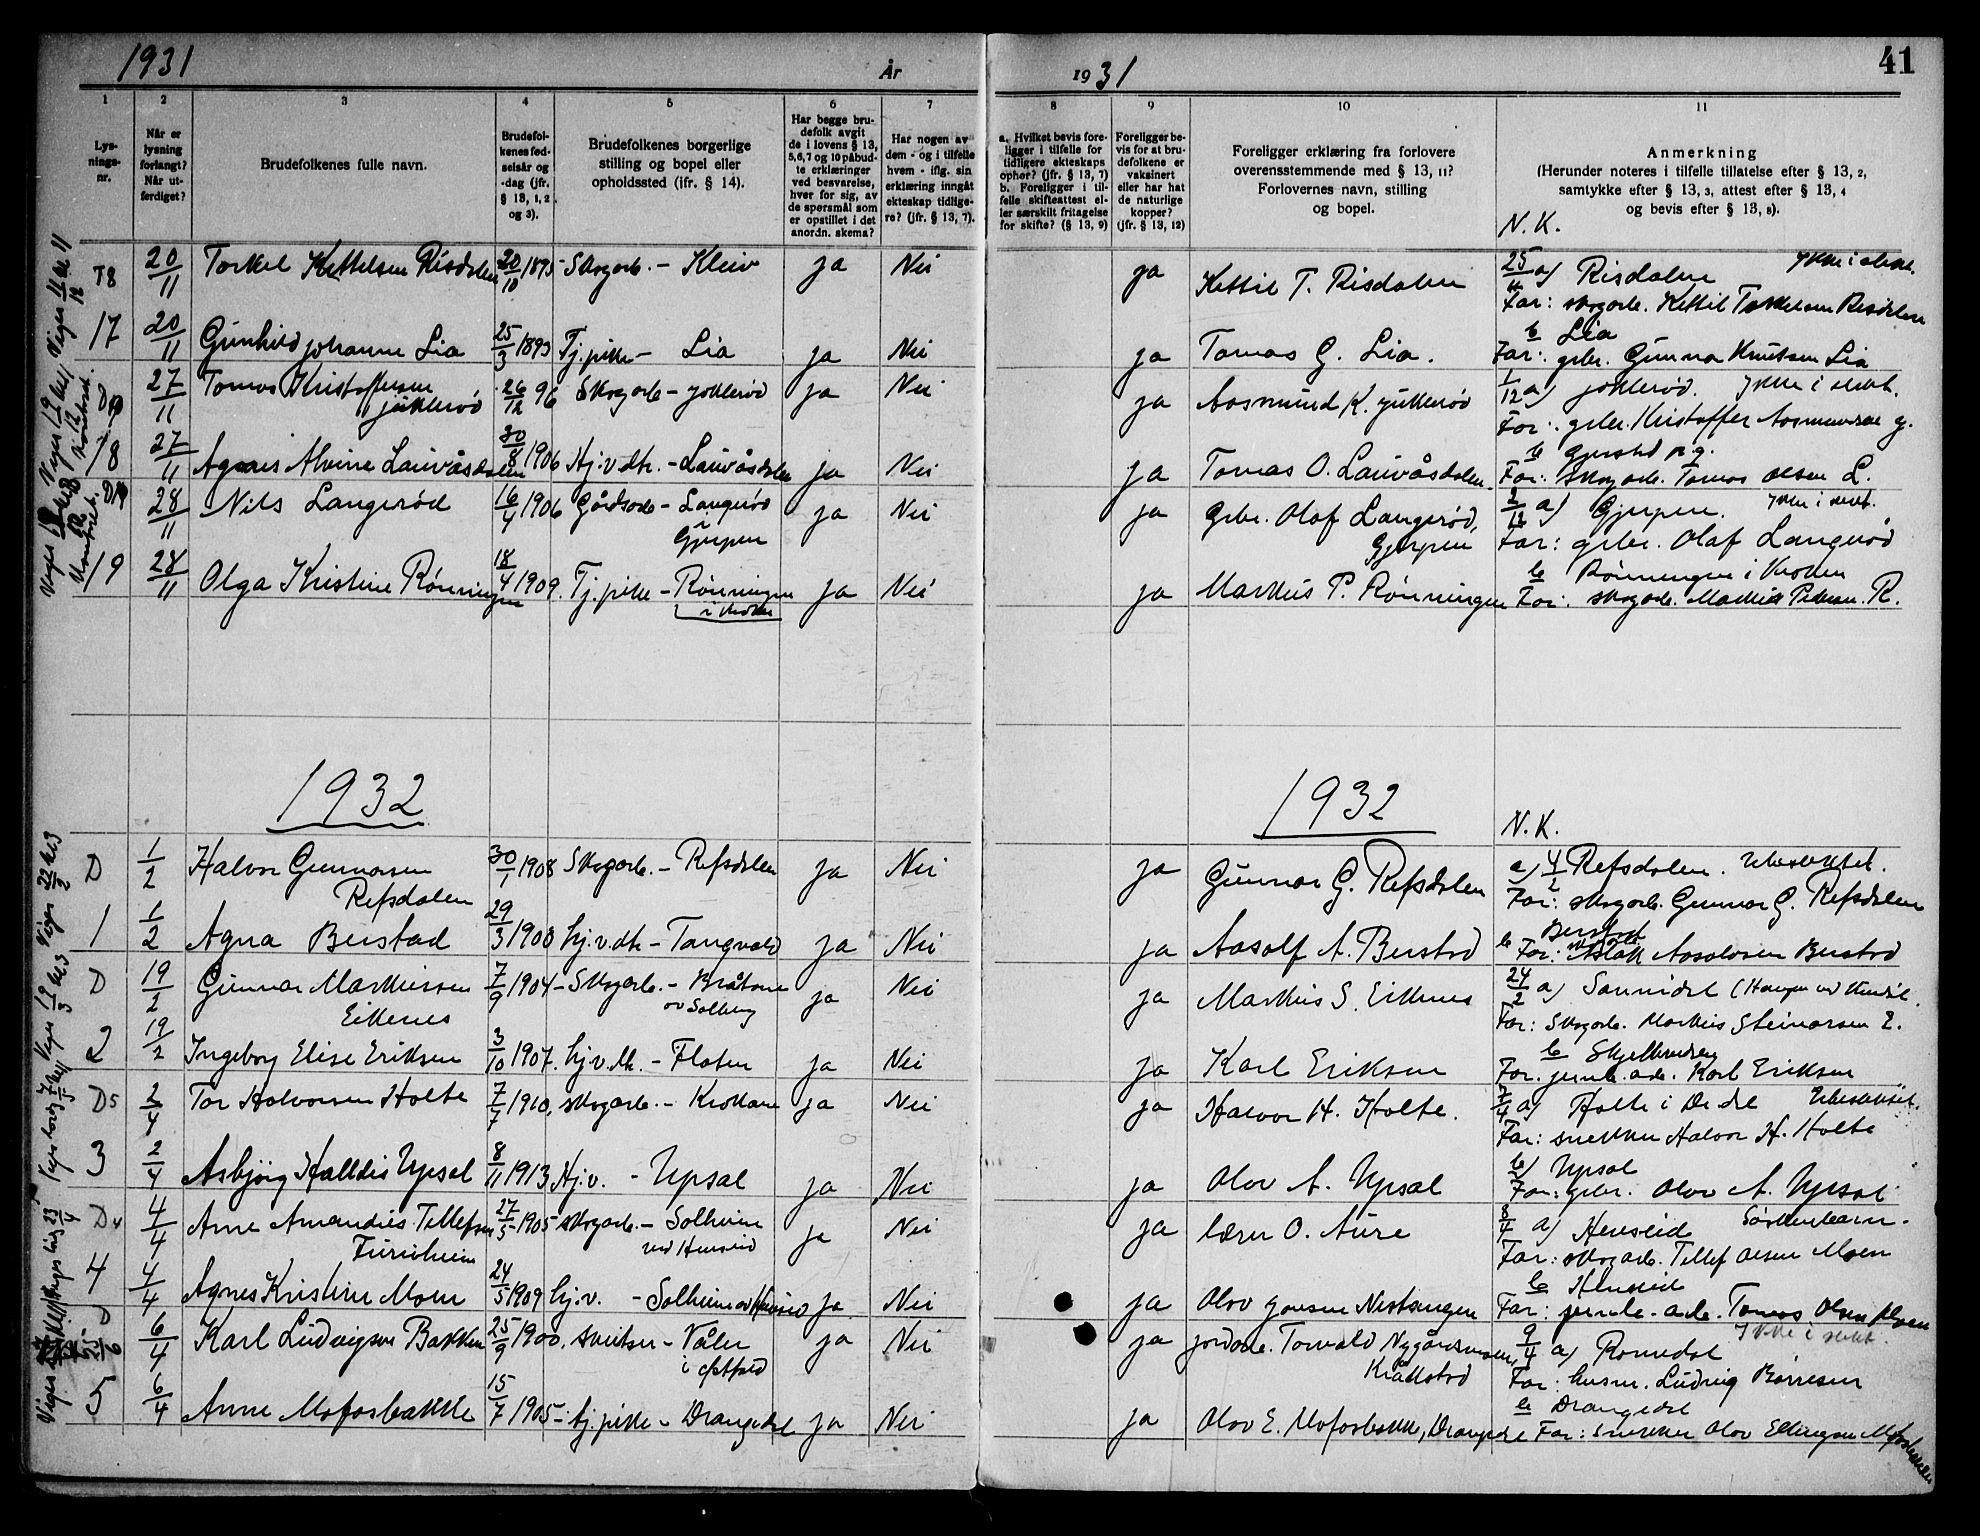 SAKO, Drangedal kirkebøker, H/Ha/L0001: Lysningsprotokoll nr. 1, 1919-1952, s. 41